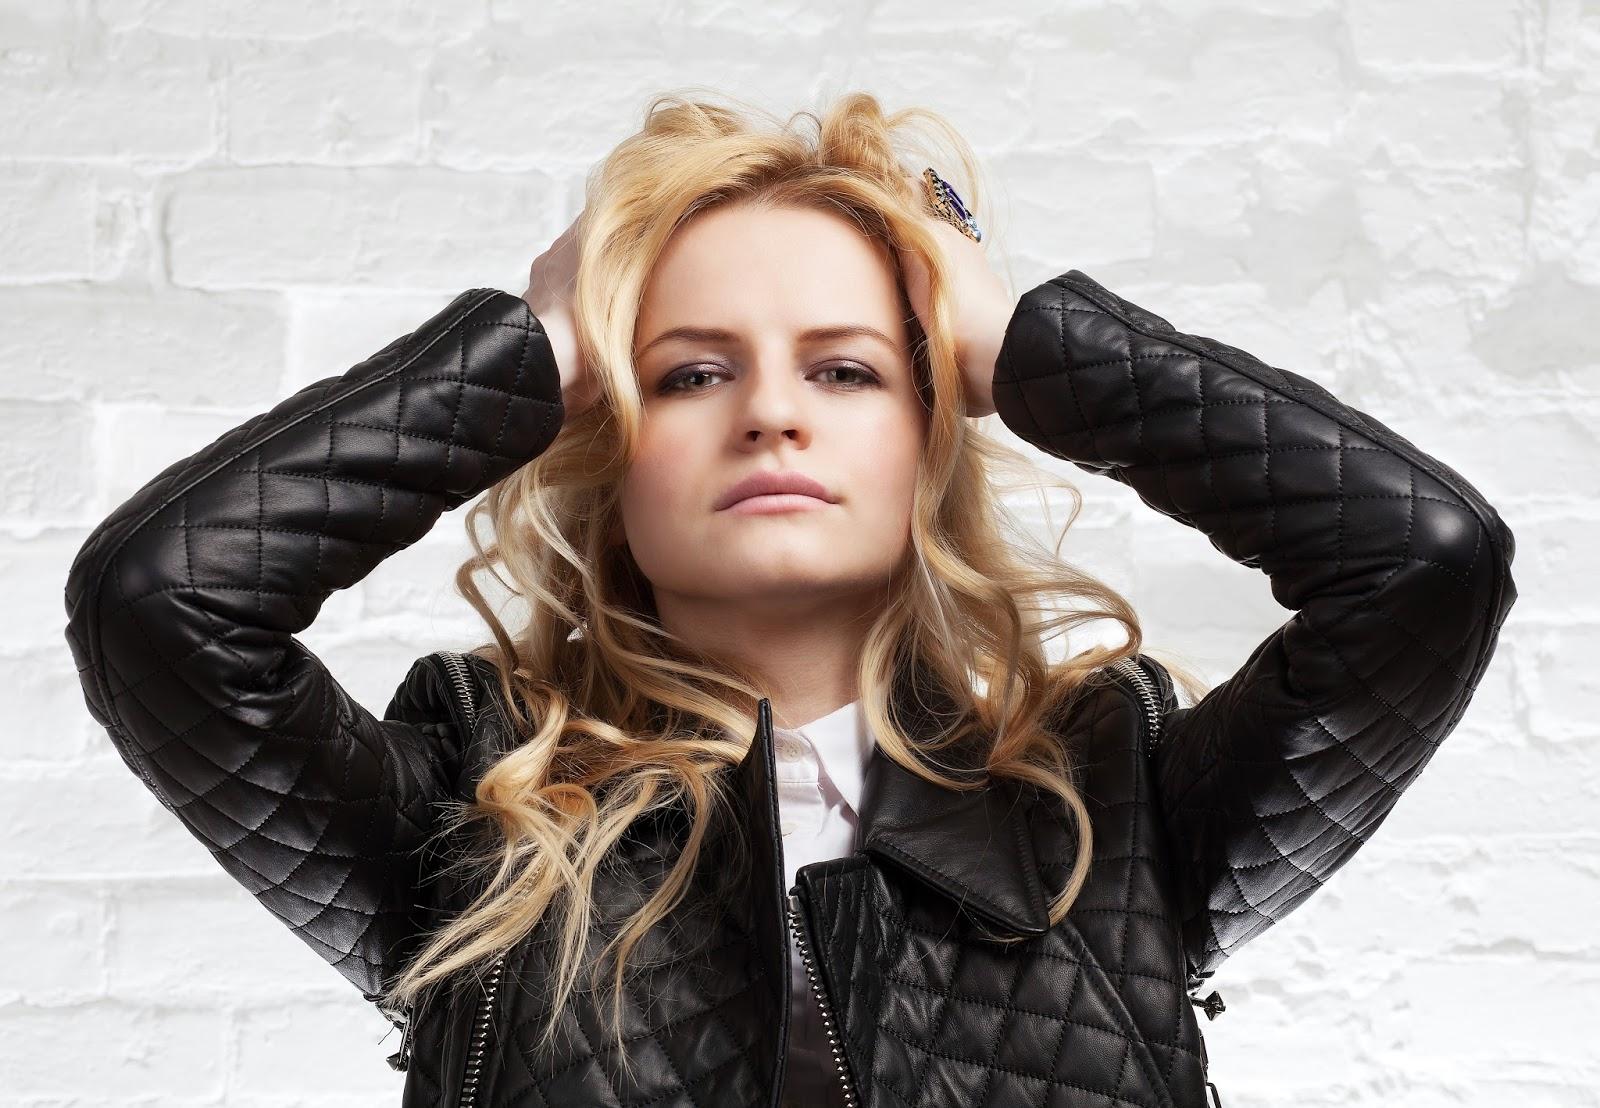 fashion studio photo, съемка в студии,лук с курткой